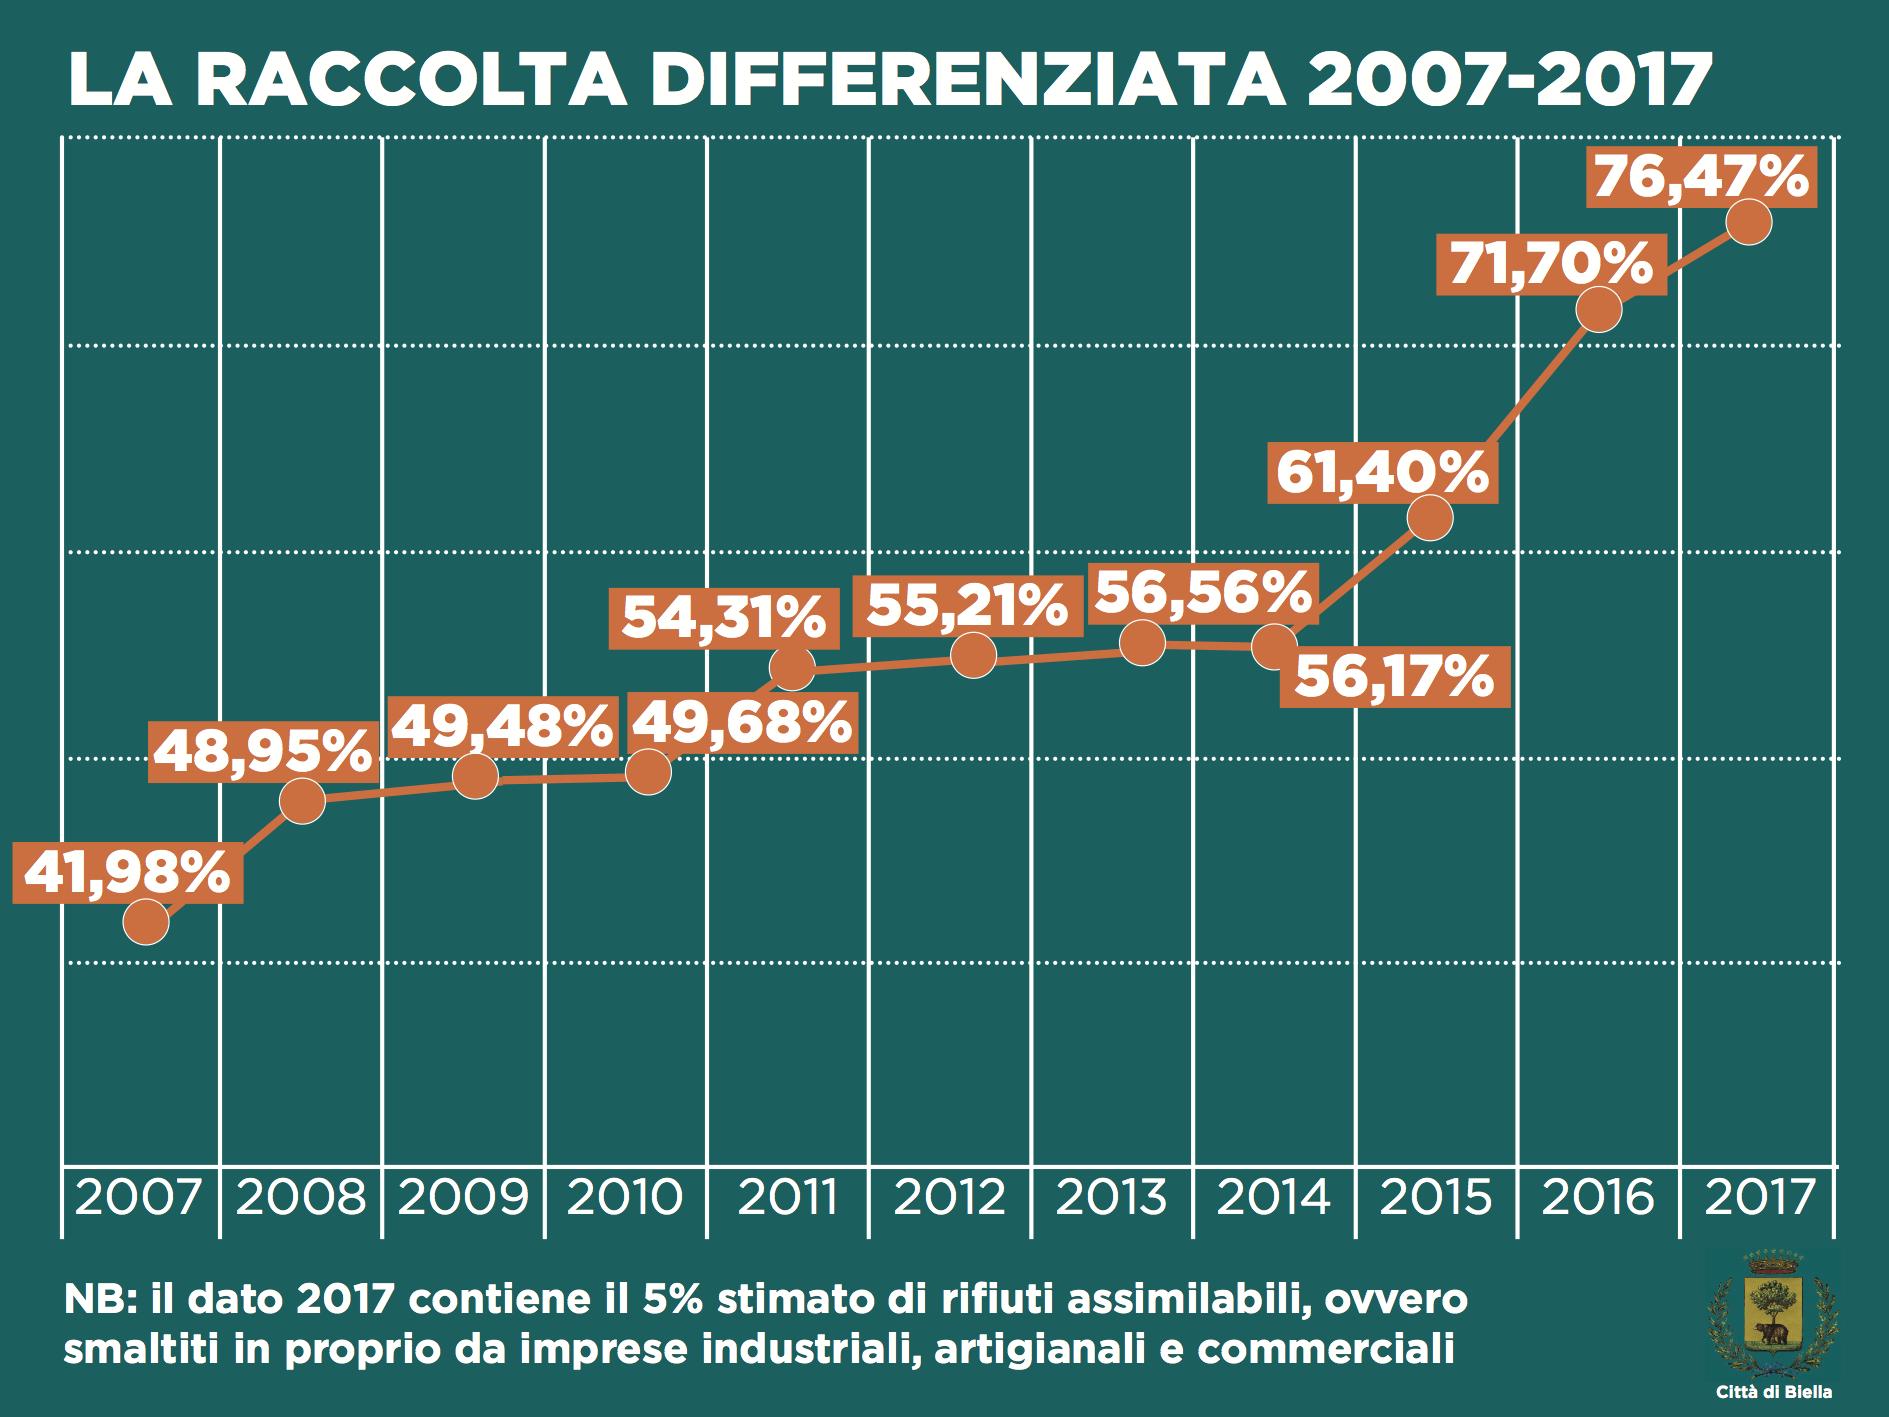 Il riepilogo dell'andamento della raccolta differenziata dal 2007 al 2017